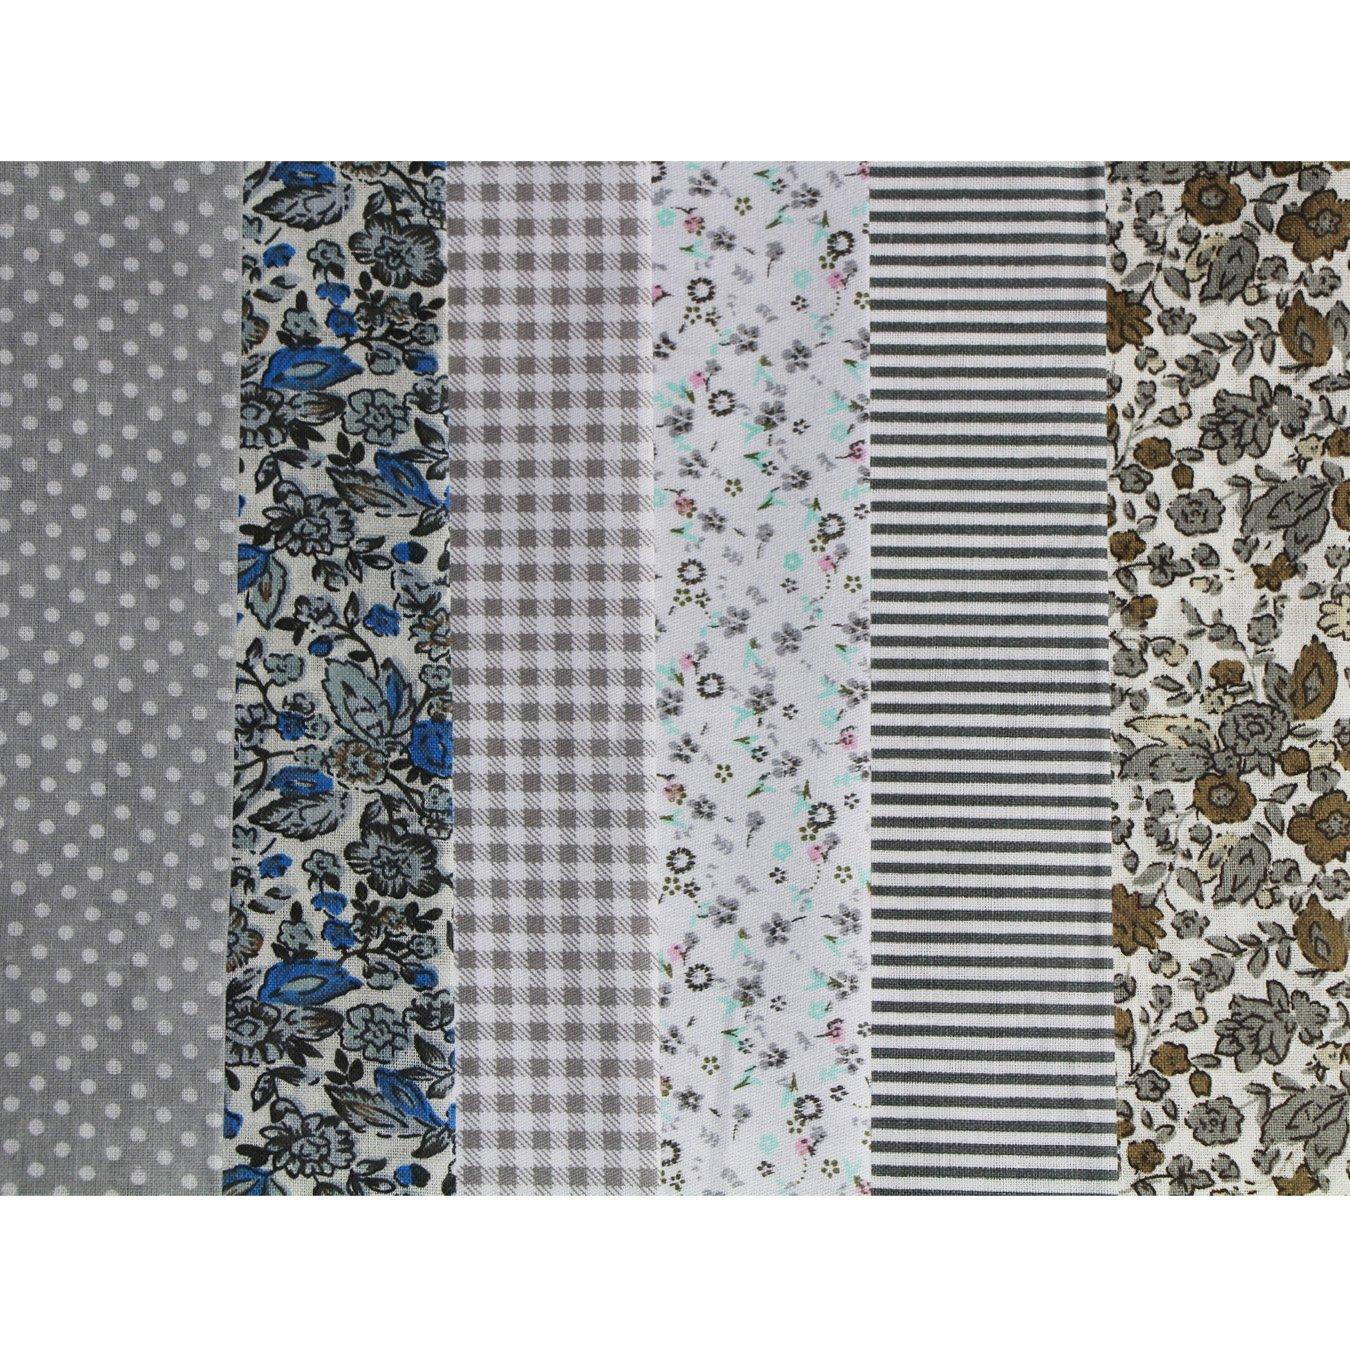 Tone-Gray 6pcs 50/x 50/cm dise/ño de retales algod/ón Tejido DIY hecho a mano Costura Quilting tela dise/ños diferentes